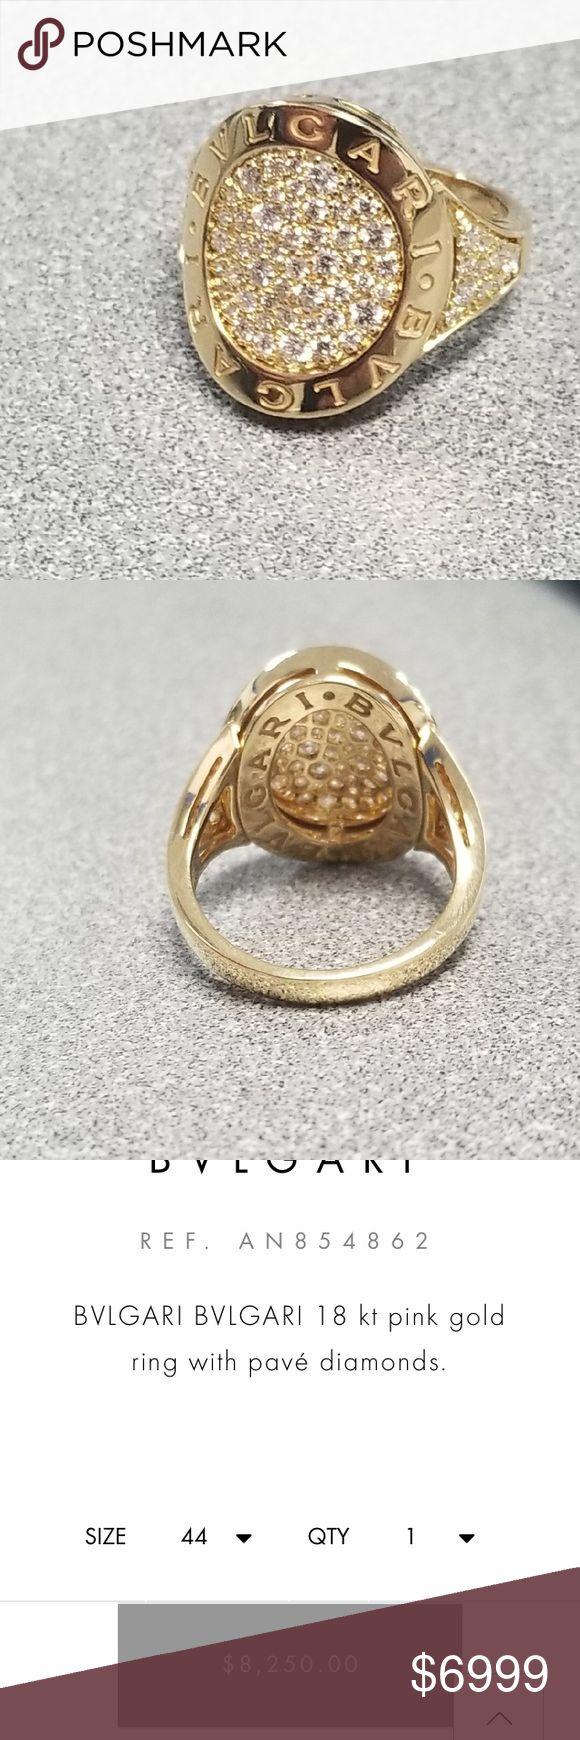 bvlgari bvlgari pave diamond 18k ring